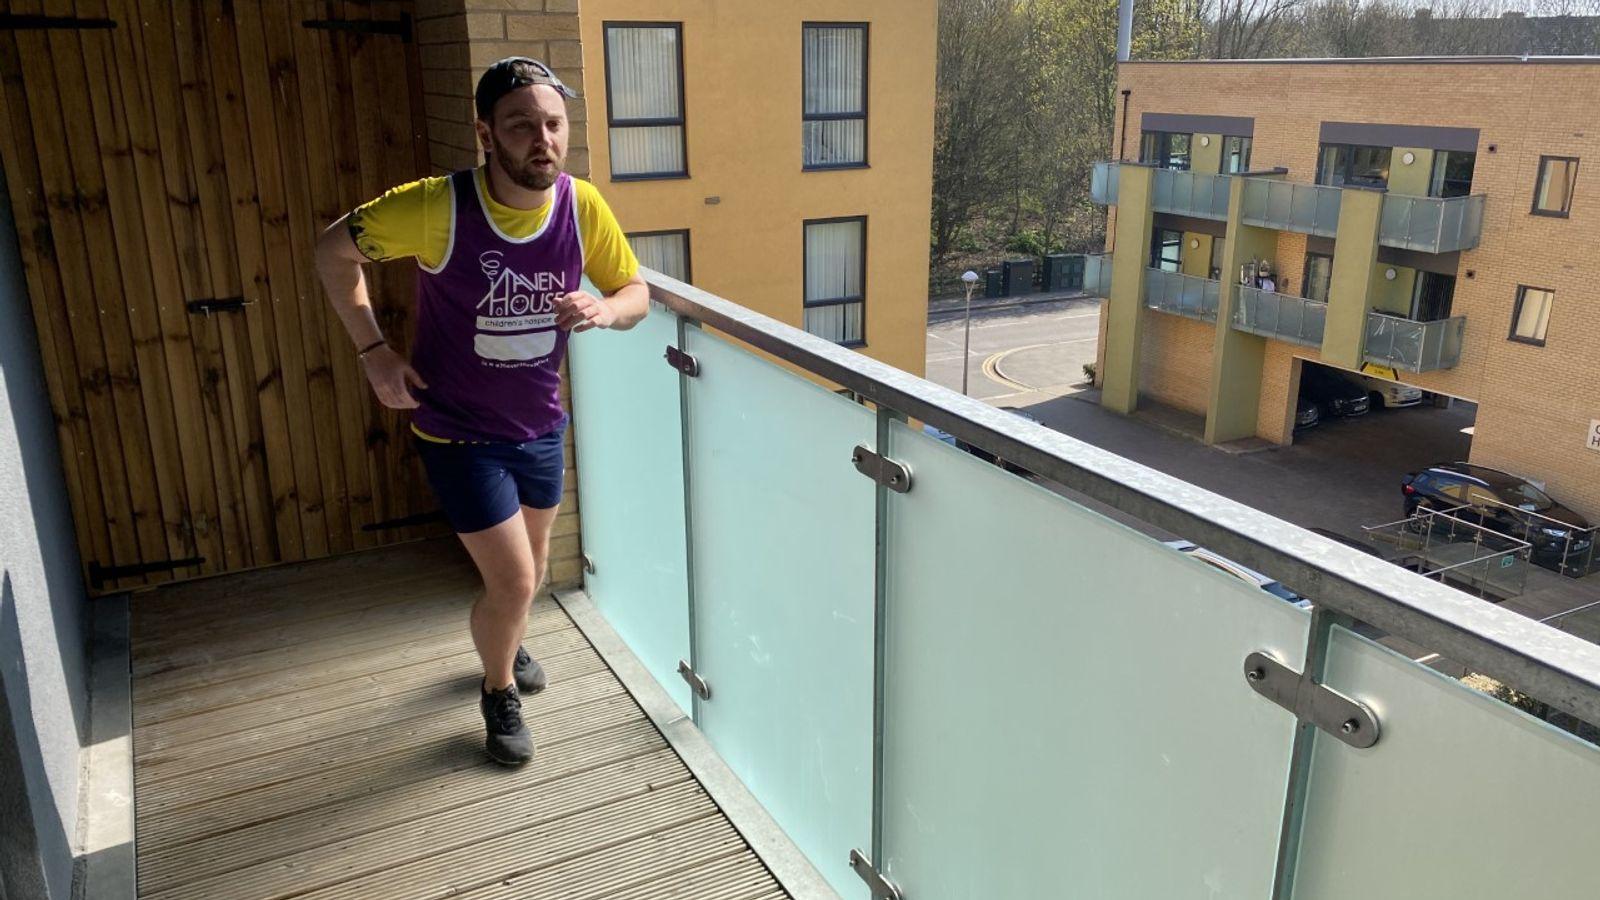 Британець пробіг напівмарафон на своєму балконі заради благодійності